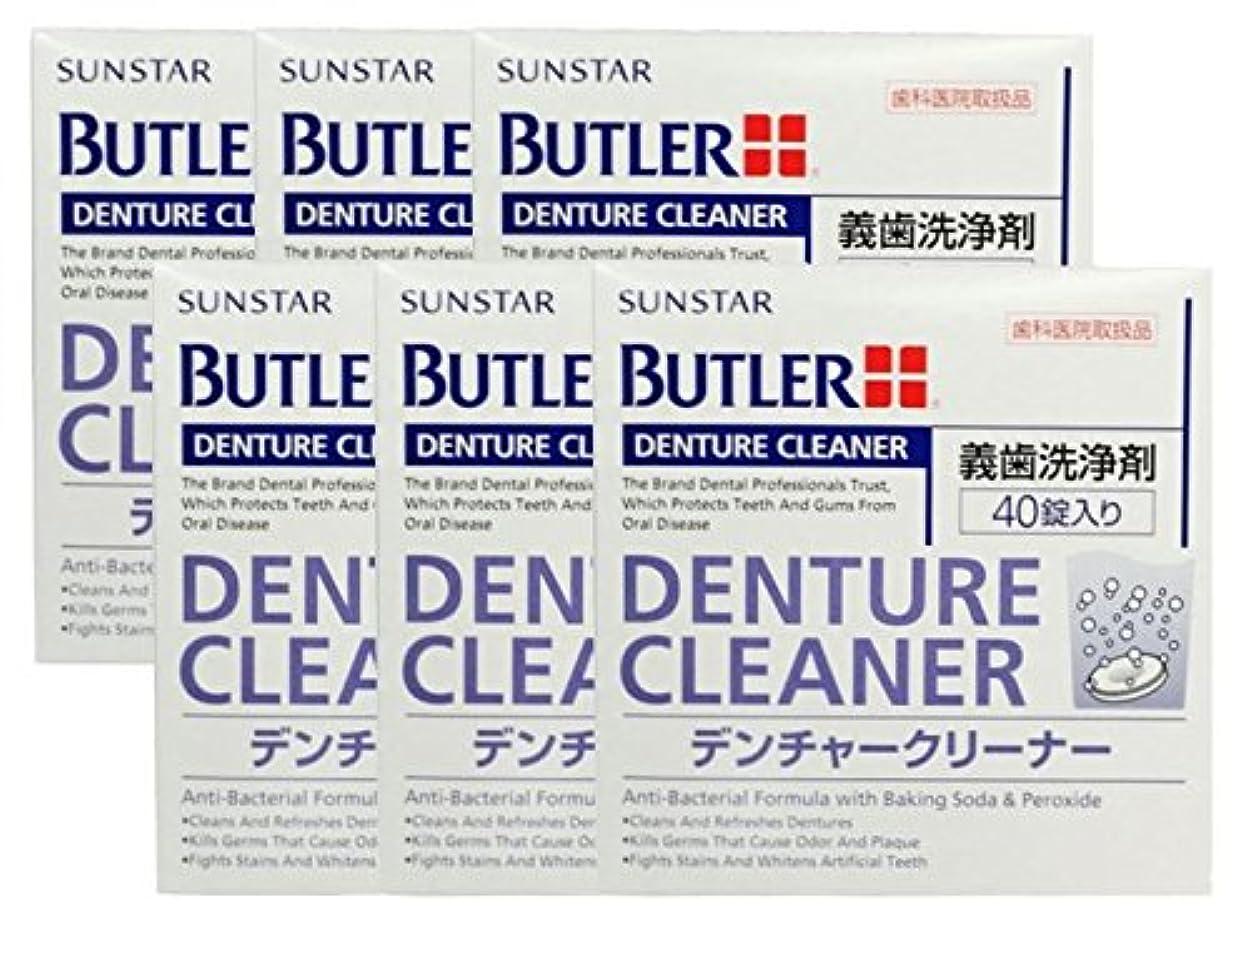 ペチコート従事する突然サンスター/バトラー歯科用バトラー デンチャークリーナー #250P 6箱 義歯洗浄剤 6個入/箱